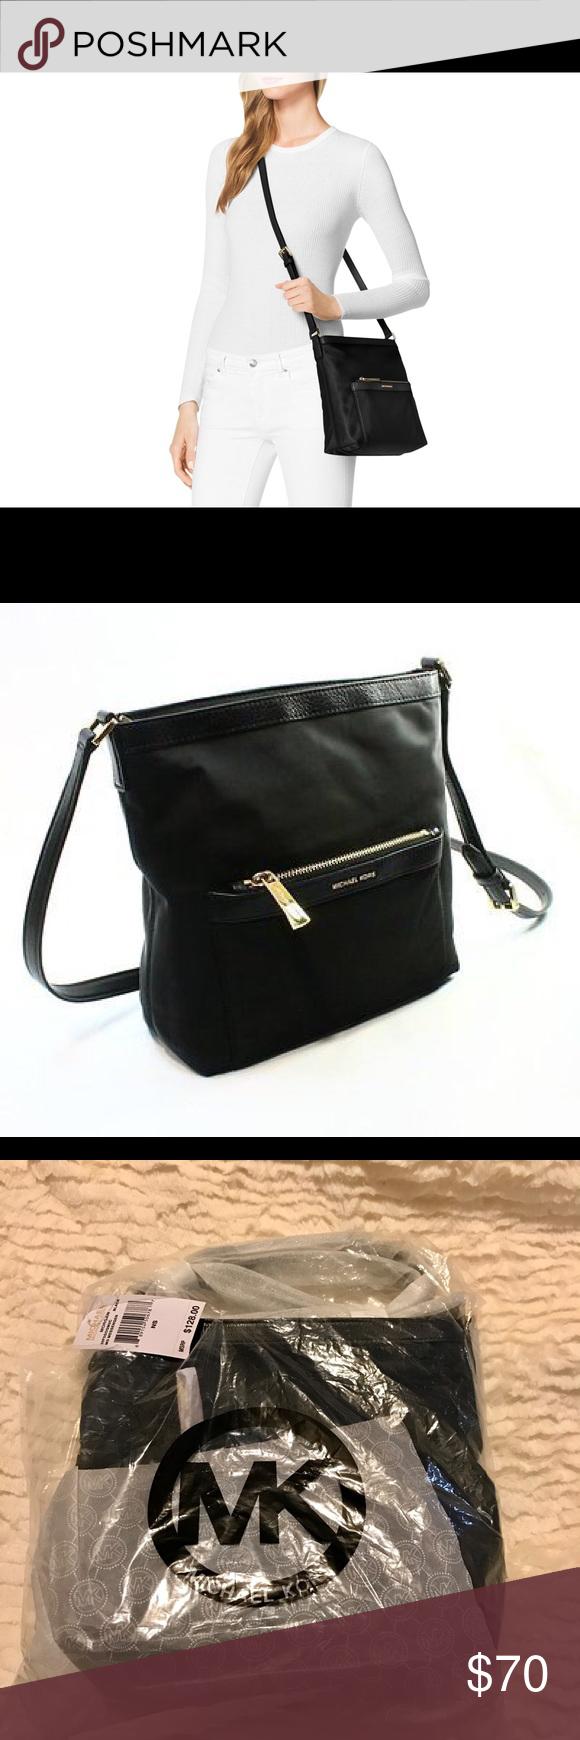 a65220e2d631 NWT MICHEAL Michael Kors Morgan Md Messenger Bag Michael Kors Morgan Md  Messenger Bag. Black